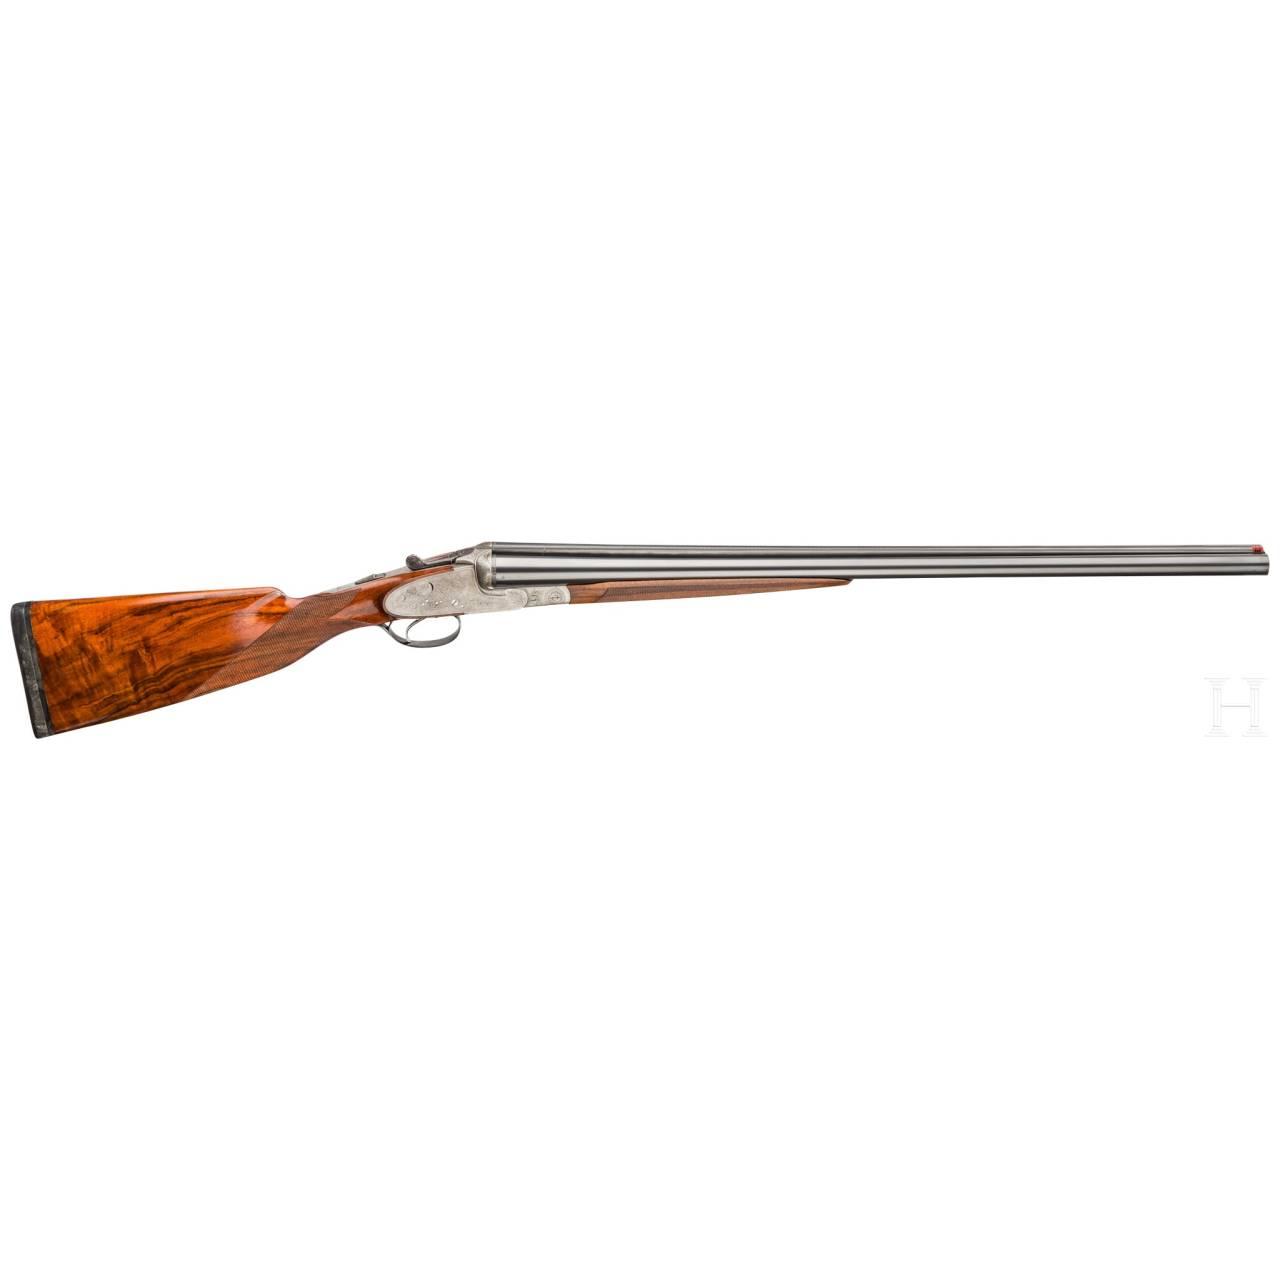 A side-by-side shotgun by Thurner, Benningen